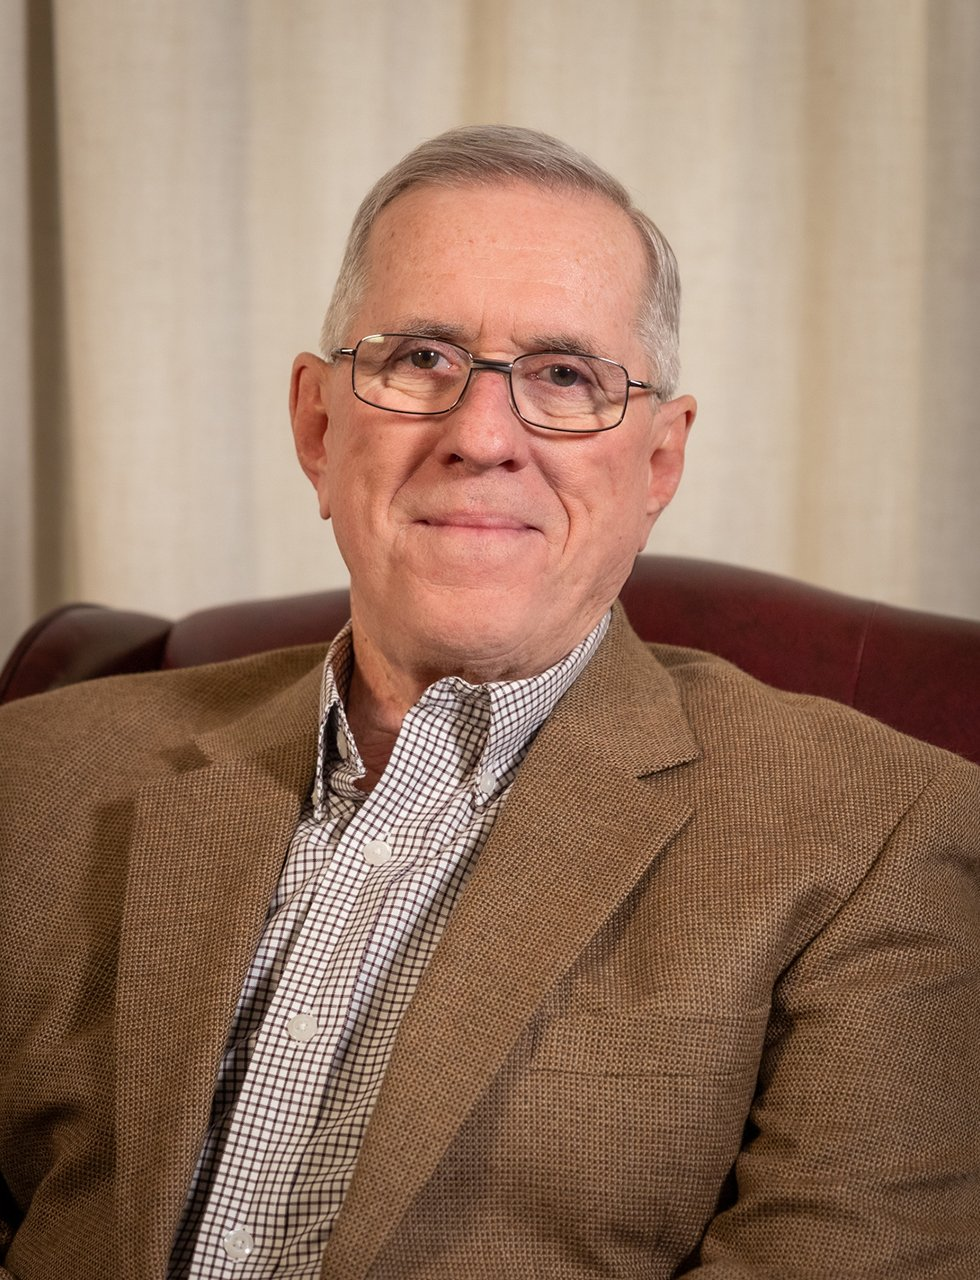 David E. Warner